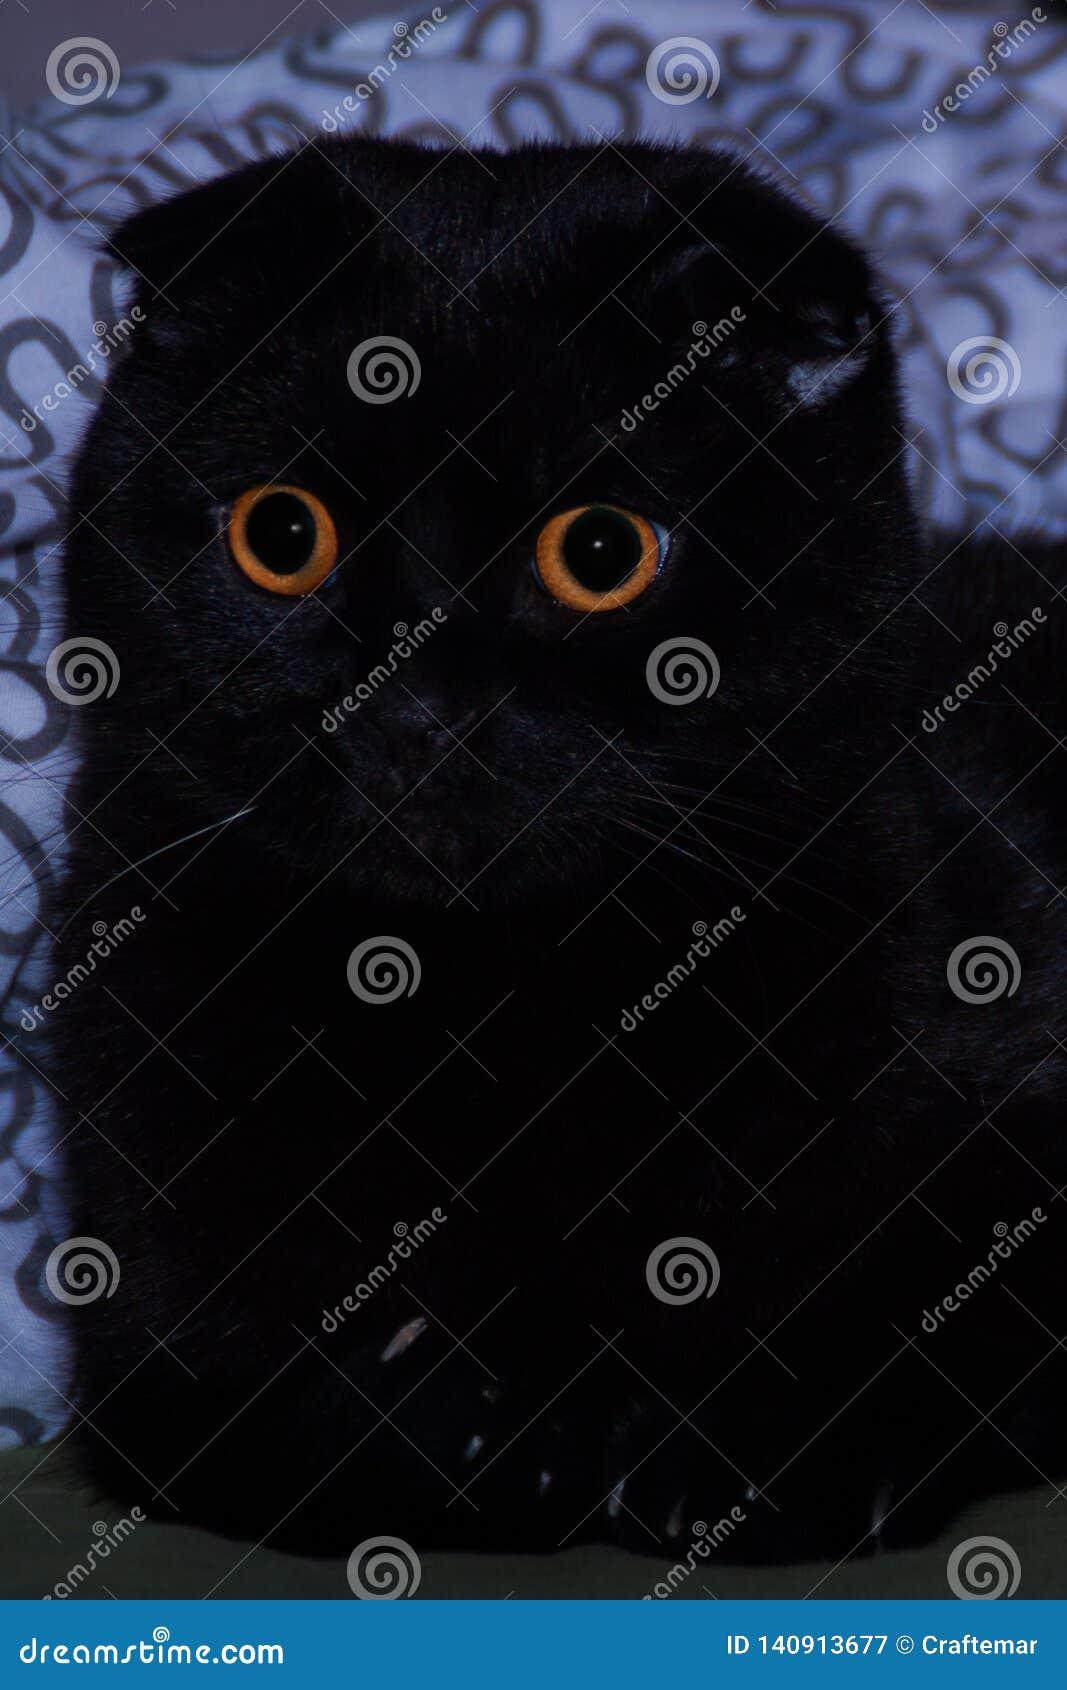 Orange-eyed scottish-fold cat close up